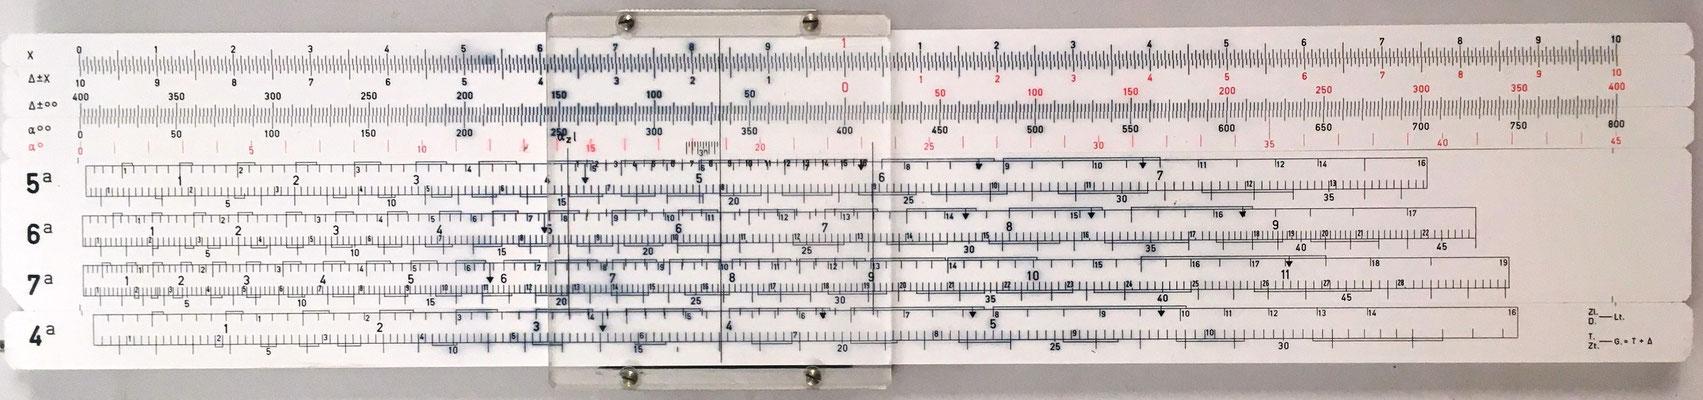 Regla de artillería ARISTO 90119 (escalas 5ª, 6ª, 7ª), sistema RIVERA